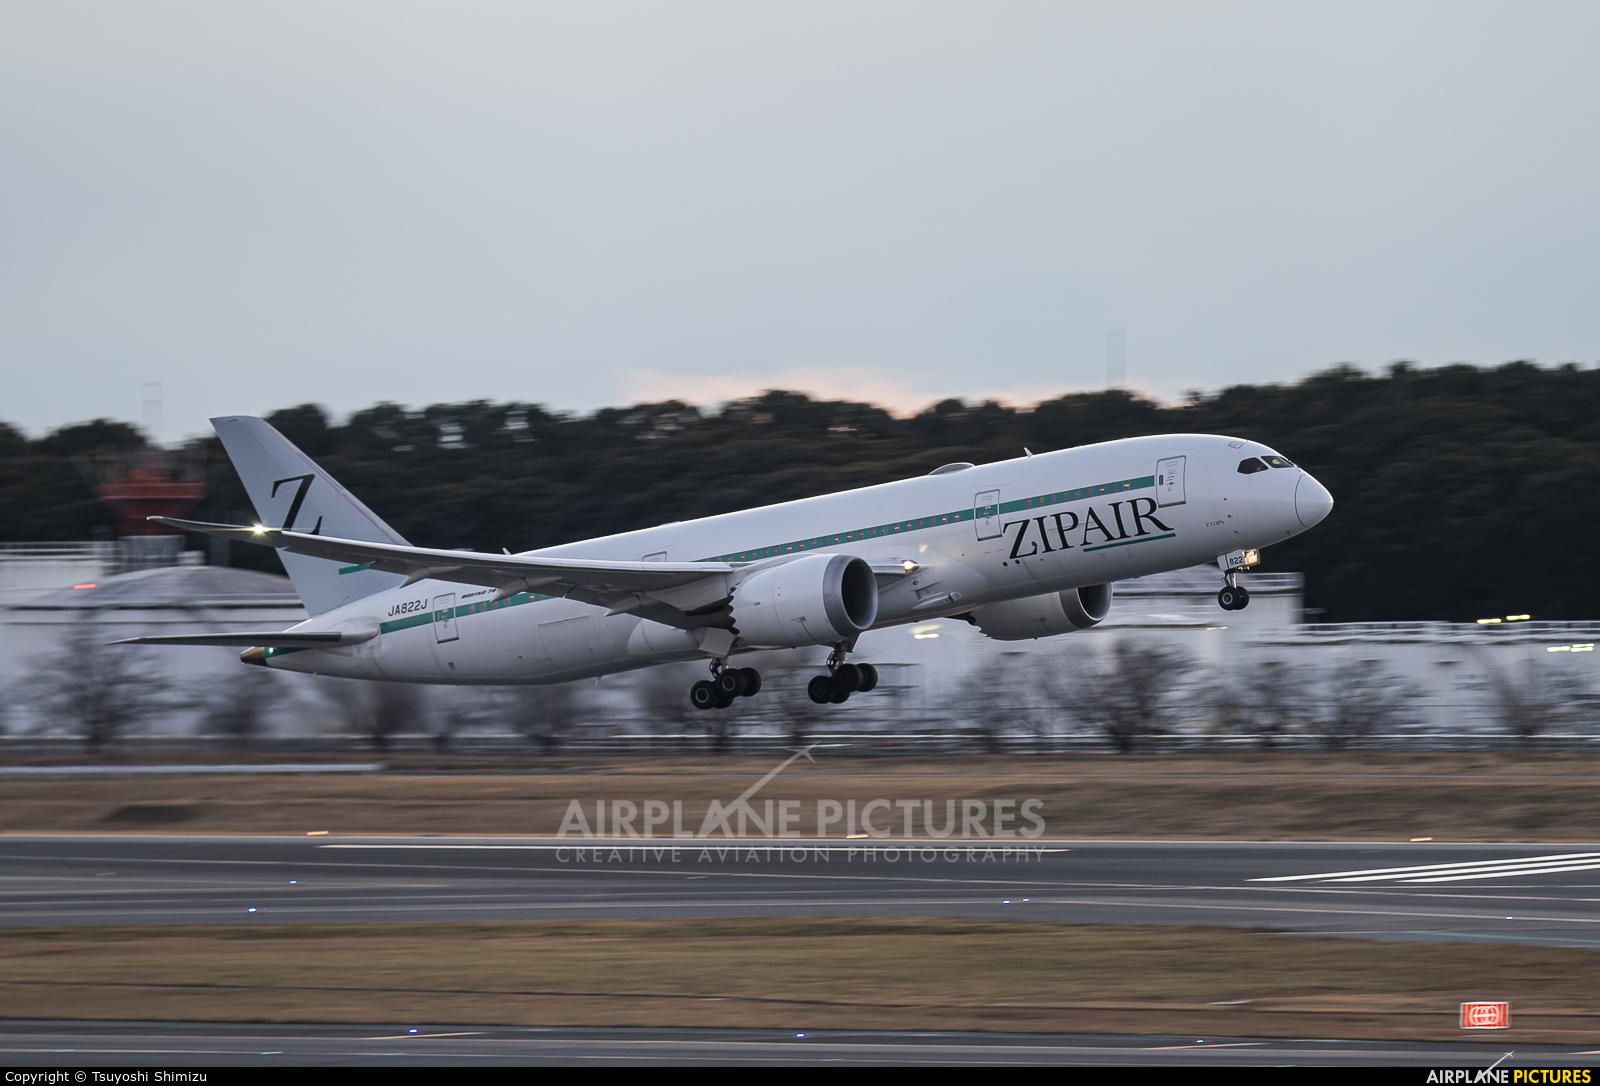 ZIPAIR Tokyo JA822J aircraft at Tokyo - Narita Intl